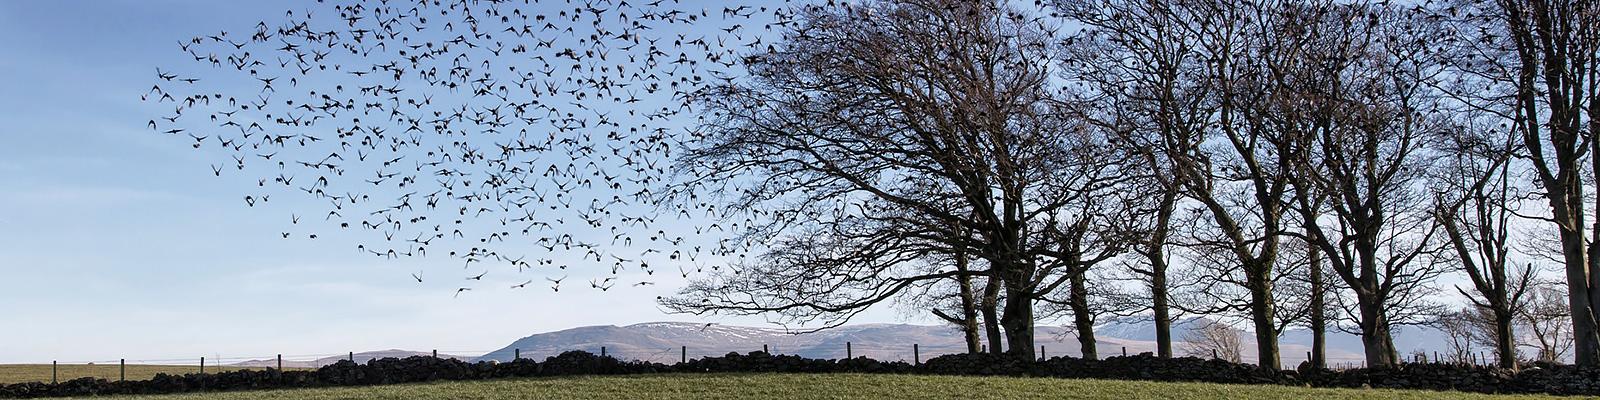 鳥 群れ 動向 イメージ